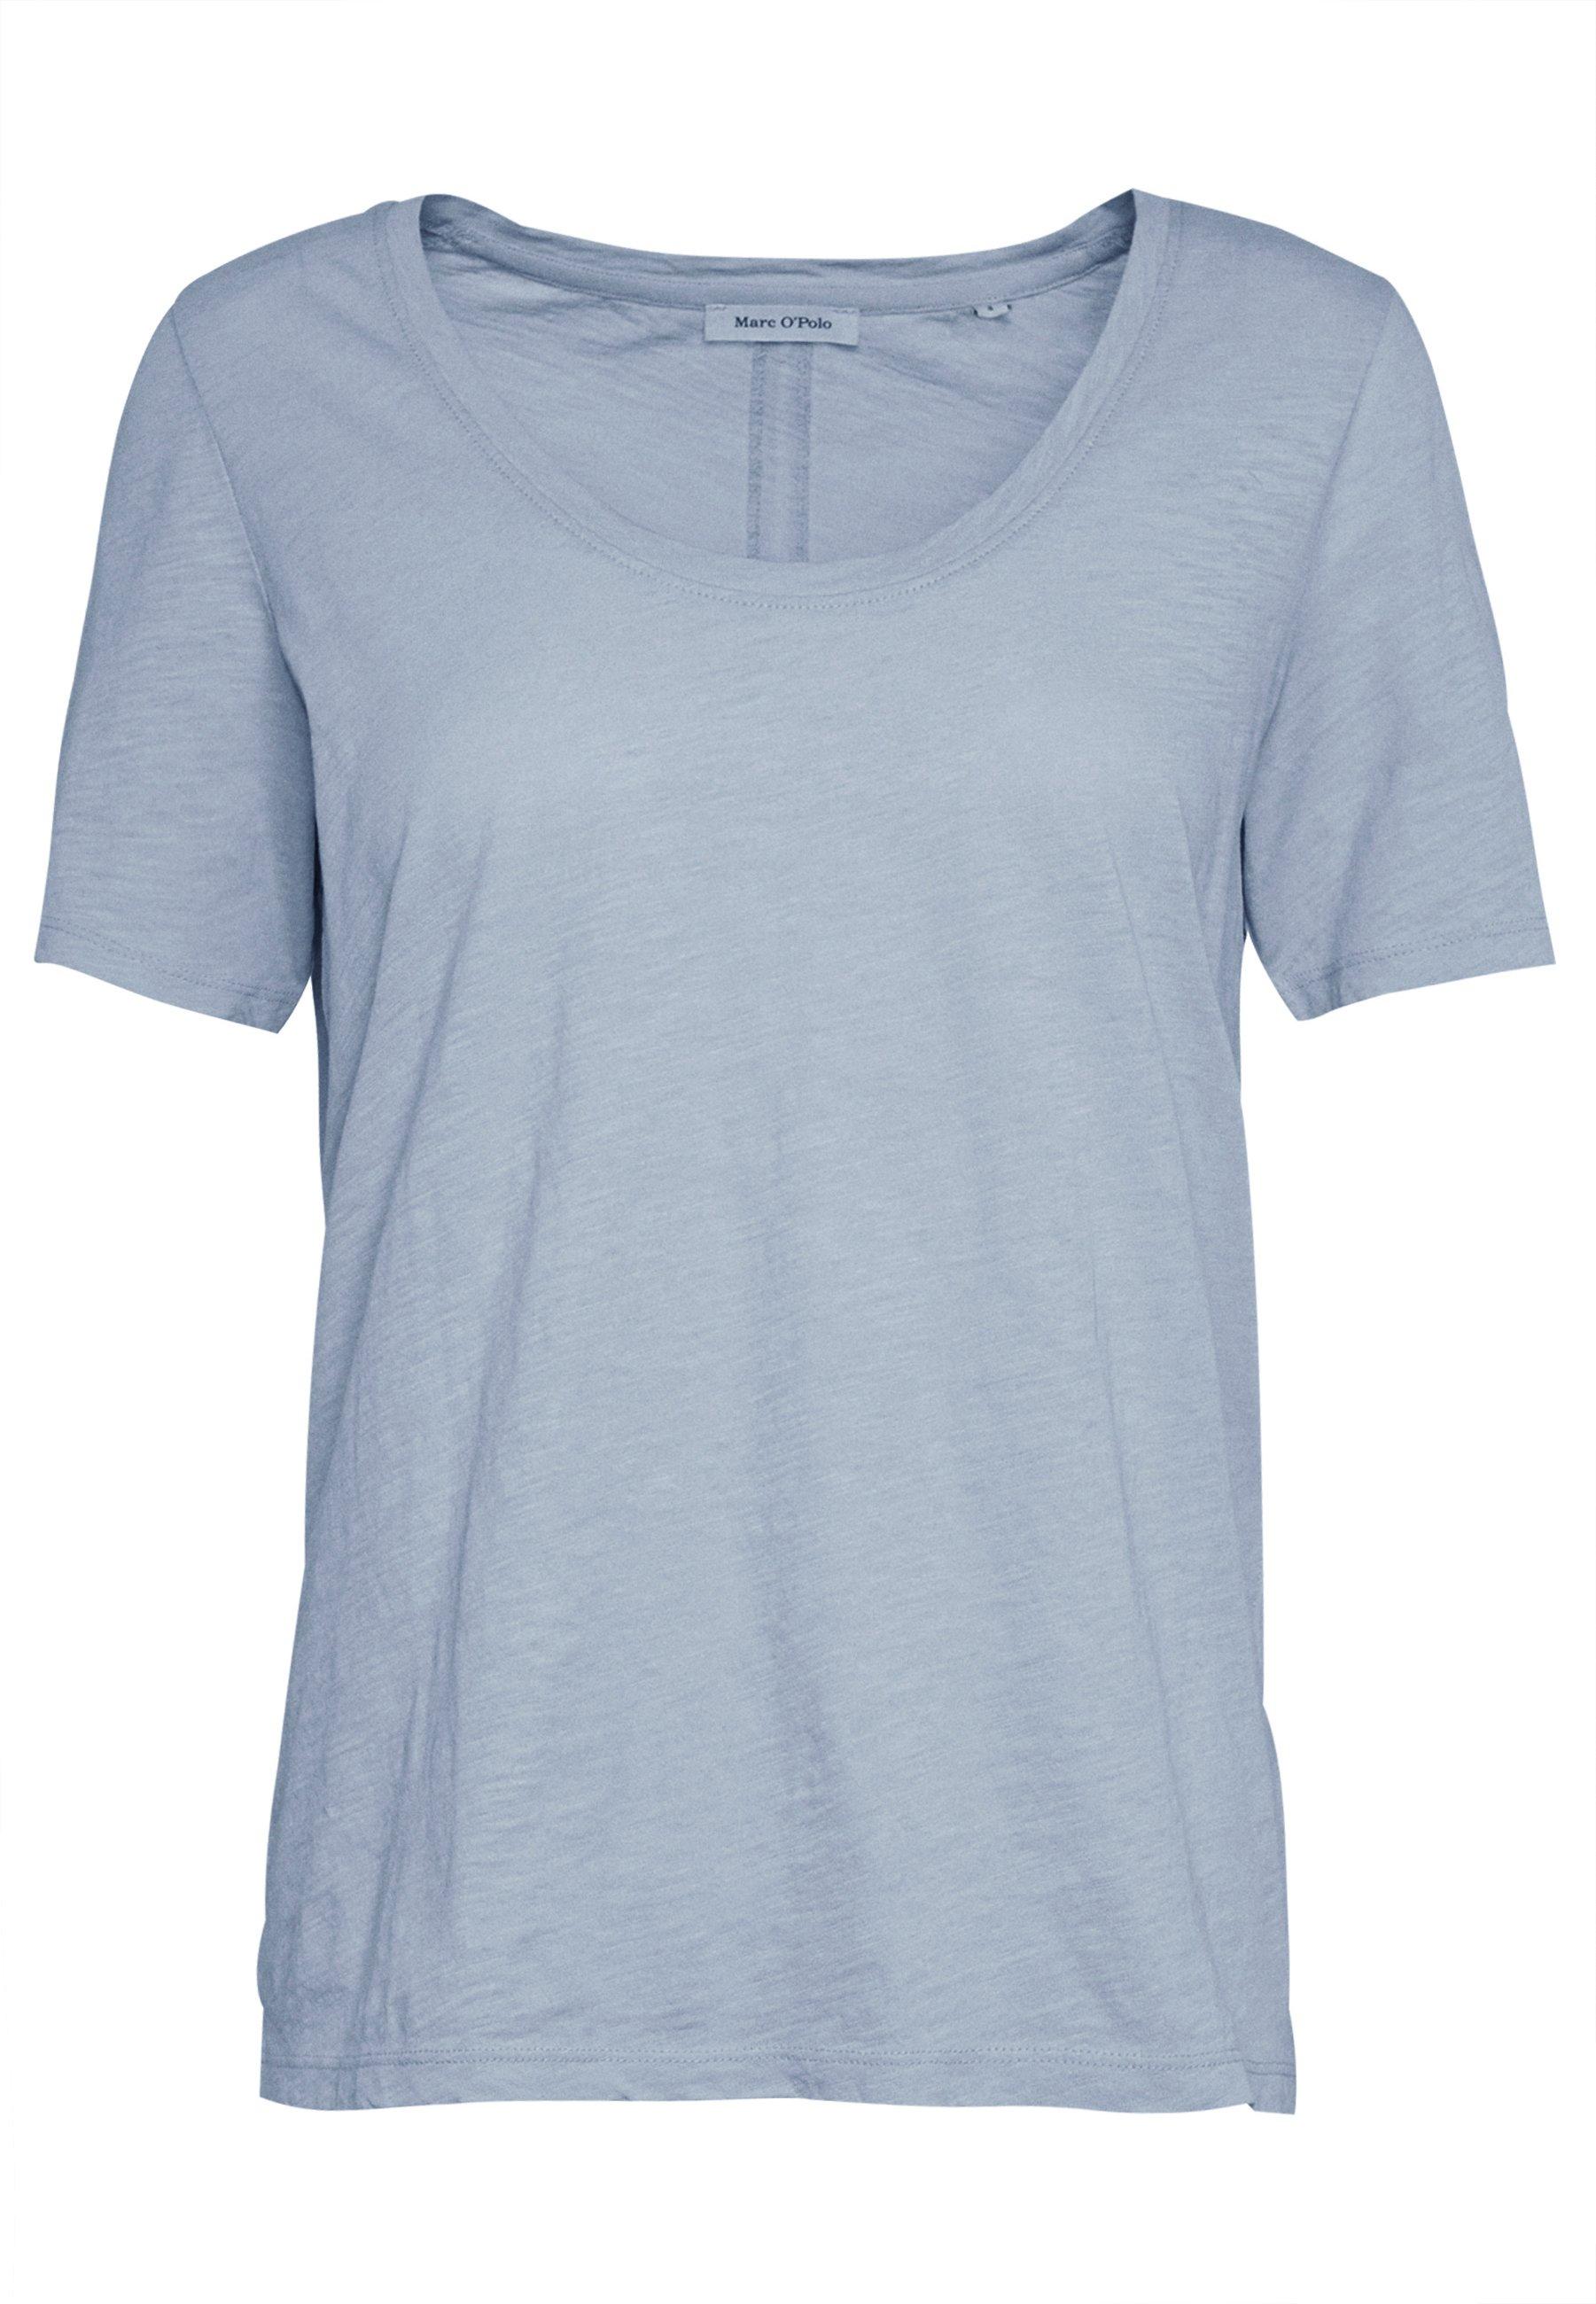 Marc O'polo T-shirt Short Sleeve Round Neck - Basic Light Blue